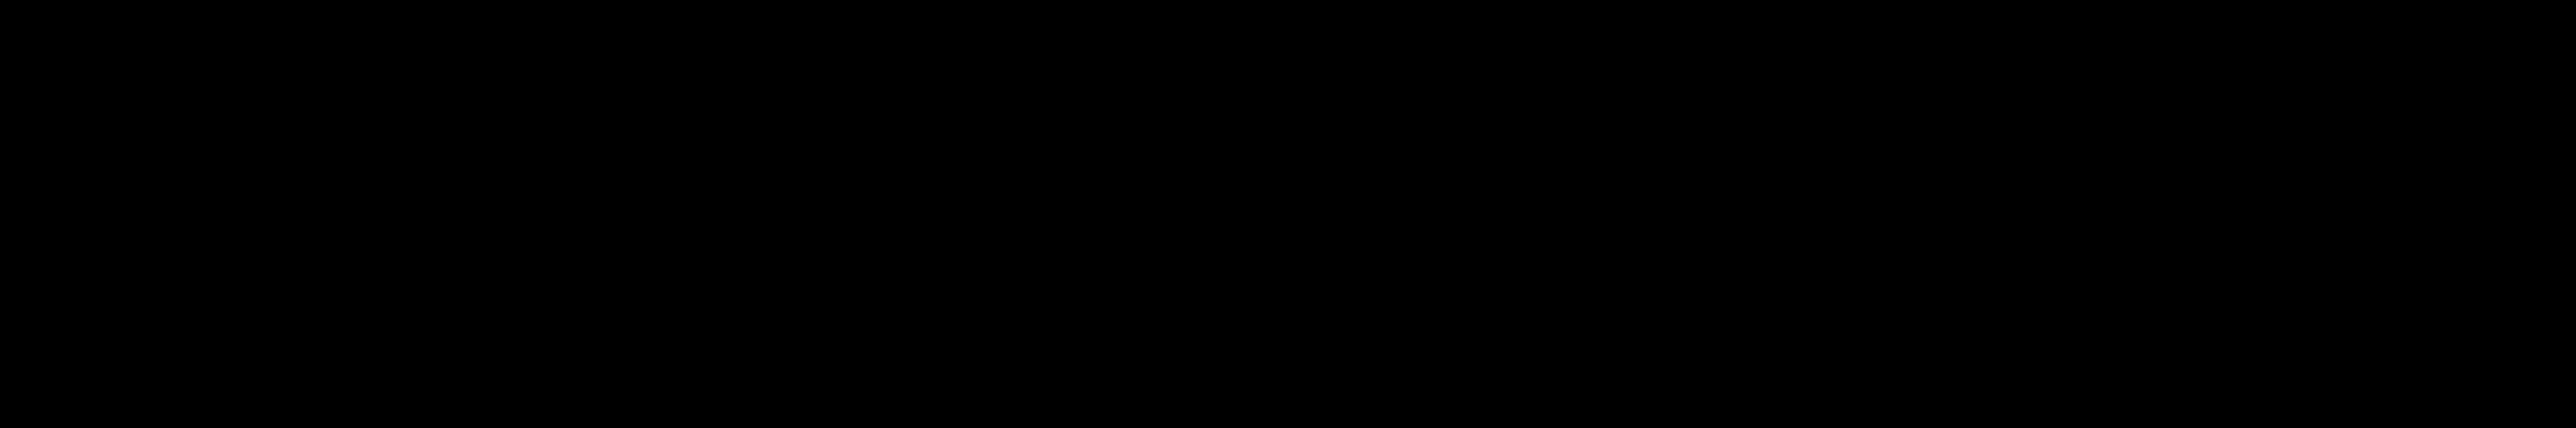 gatissluka.com